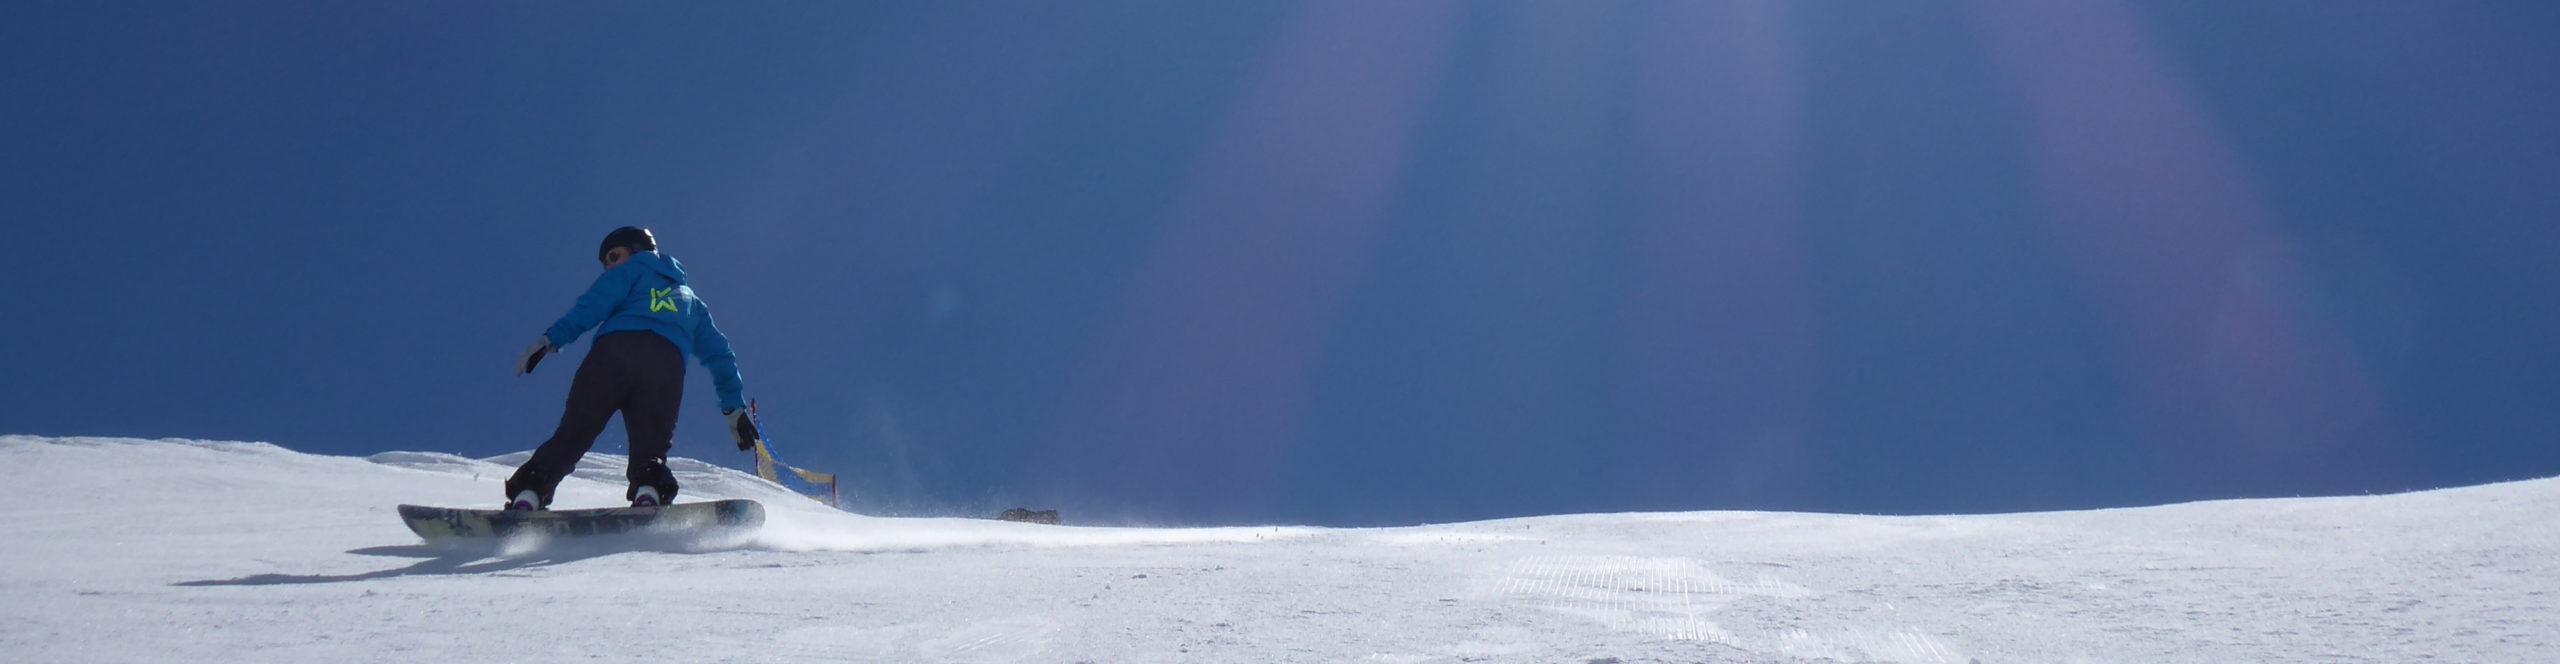 ZILLERTAL – verlängertes Skiwochenende mit 4 Skitagen – in den Weihnachtsferien – 3 Sterne Hotel nur 1000Meter von der Gondel